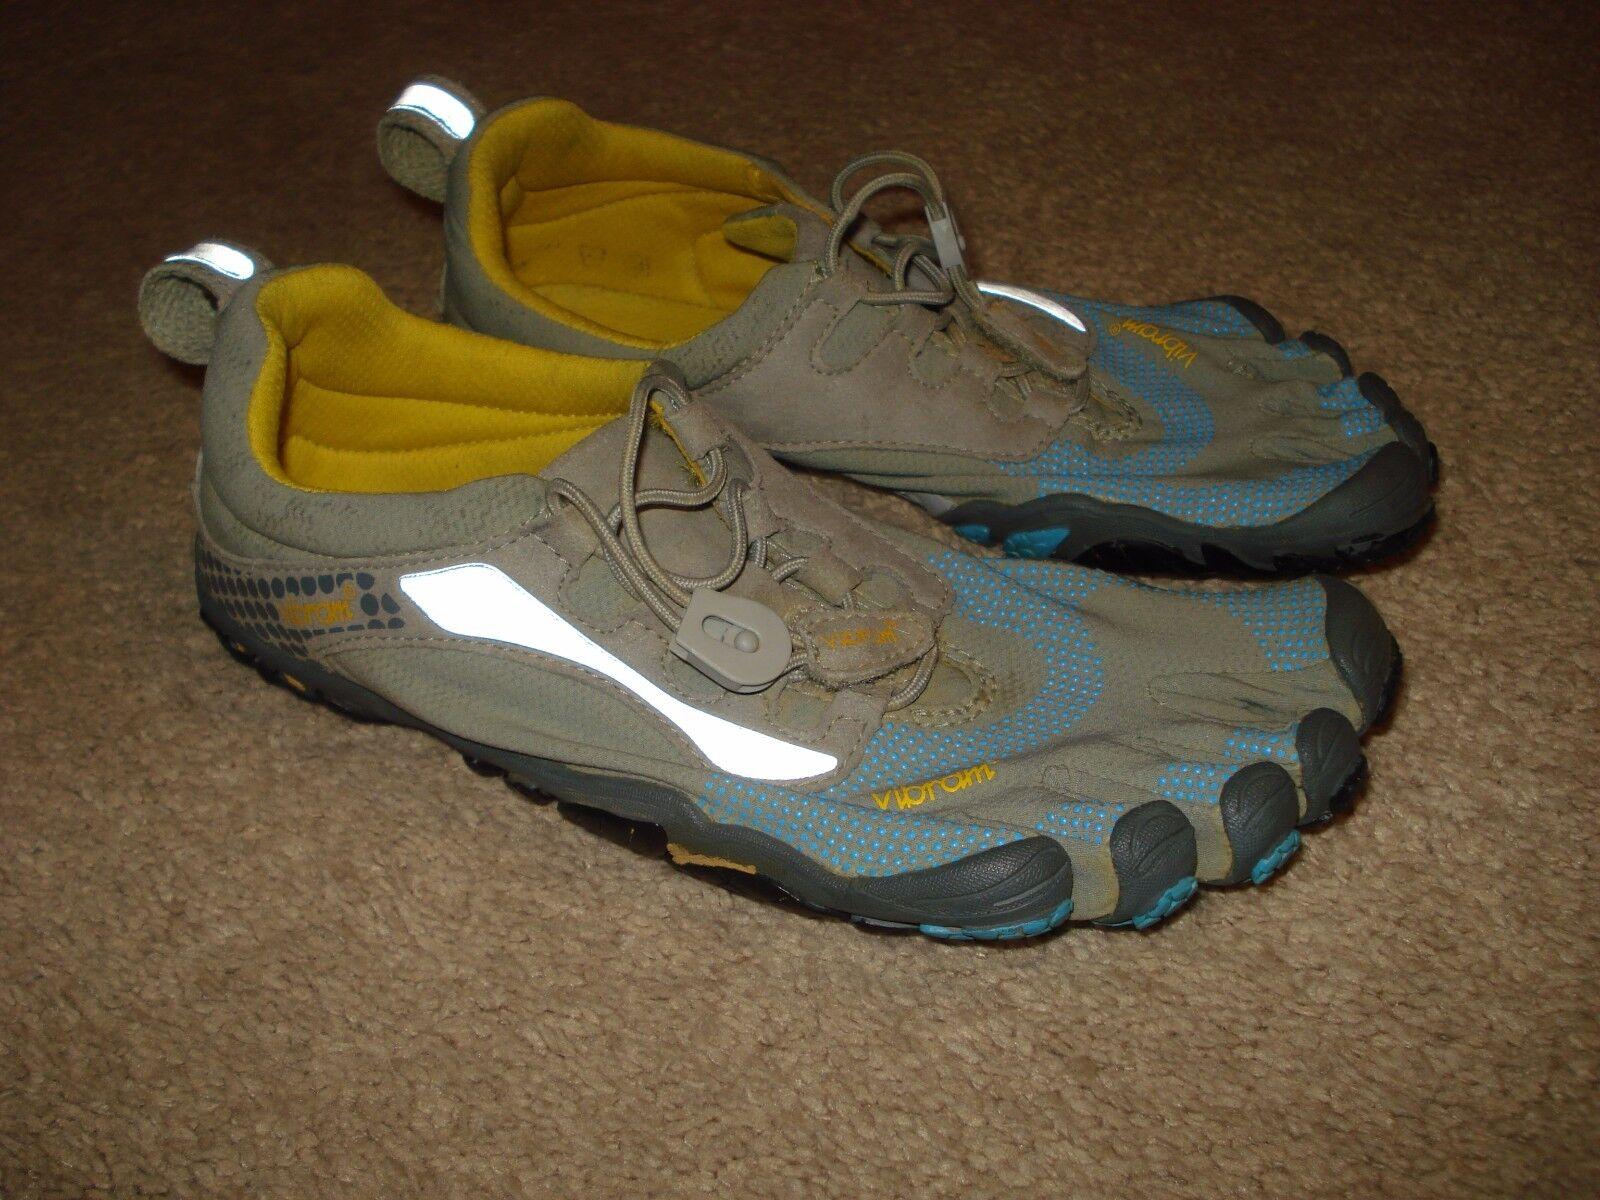 Vibram Bikila Gray Damens Größe 6 Gray Bikila Toe Schuhe 88c099